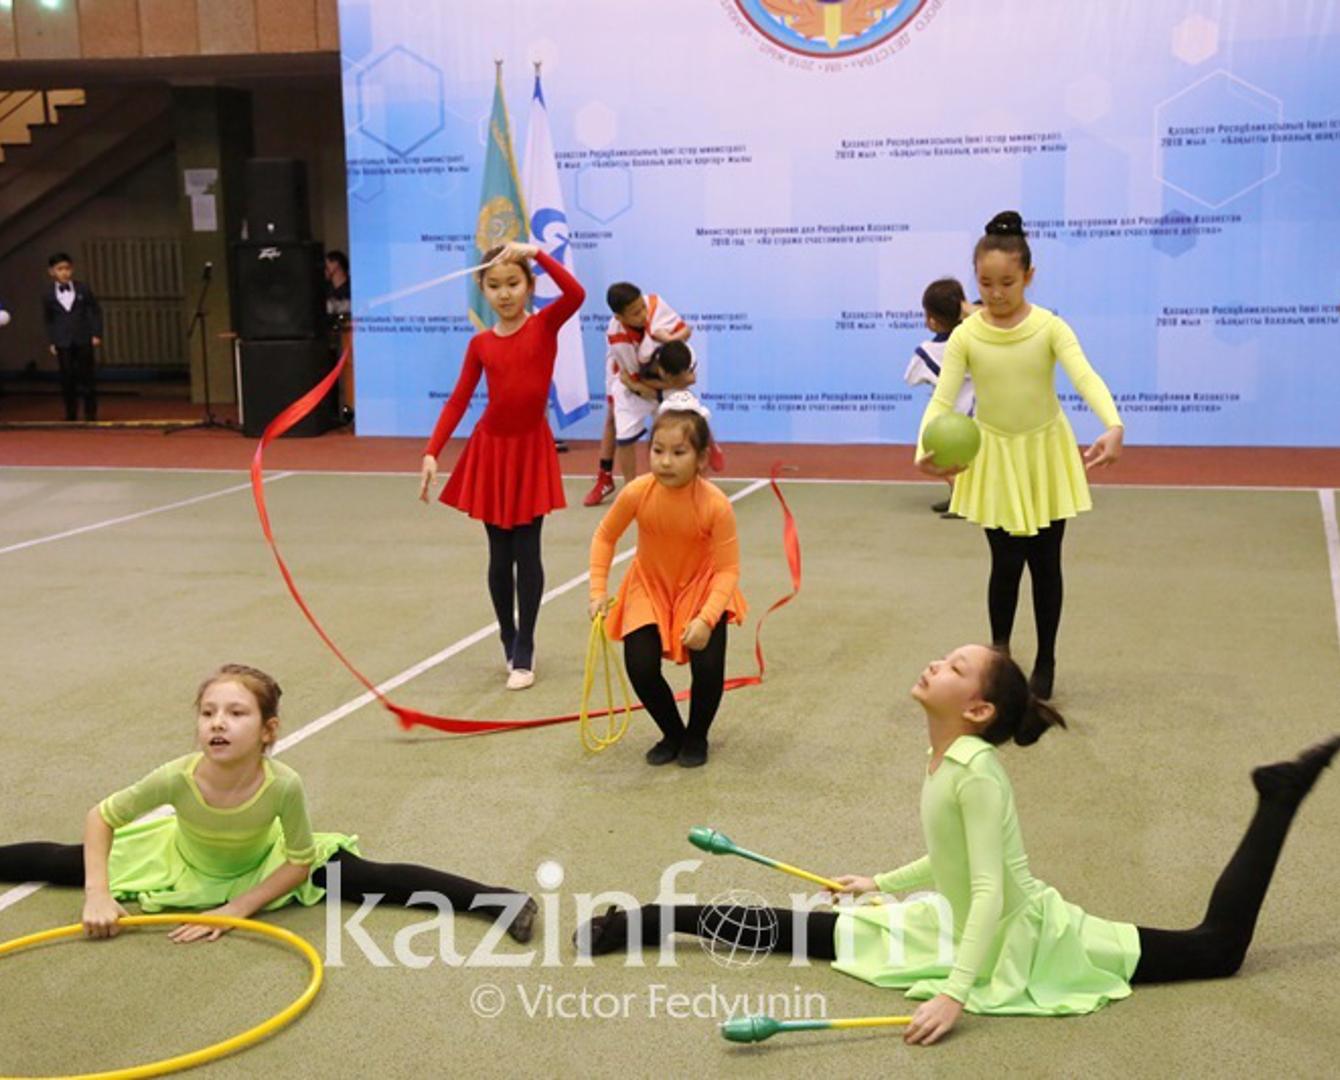 Бесплатные спортивные секции для подростков открылись в Астане